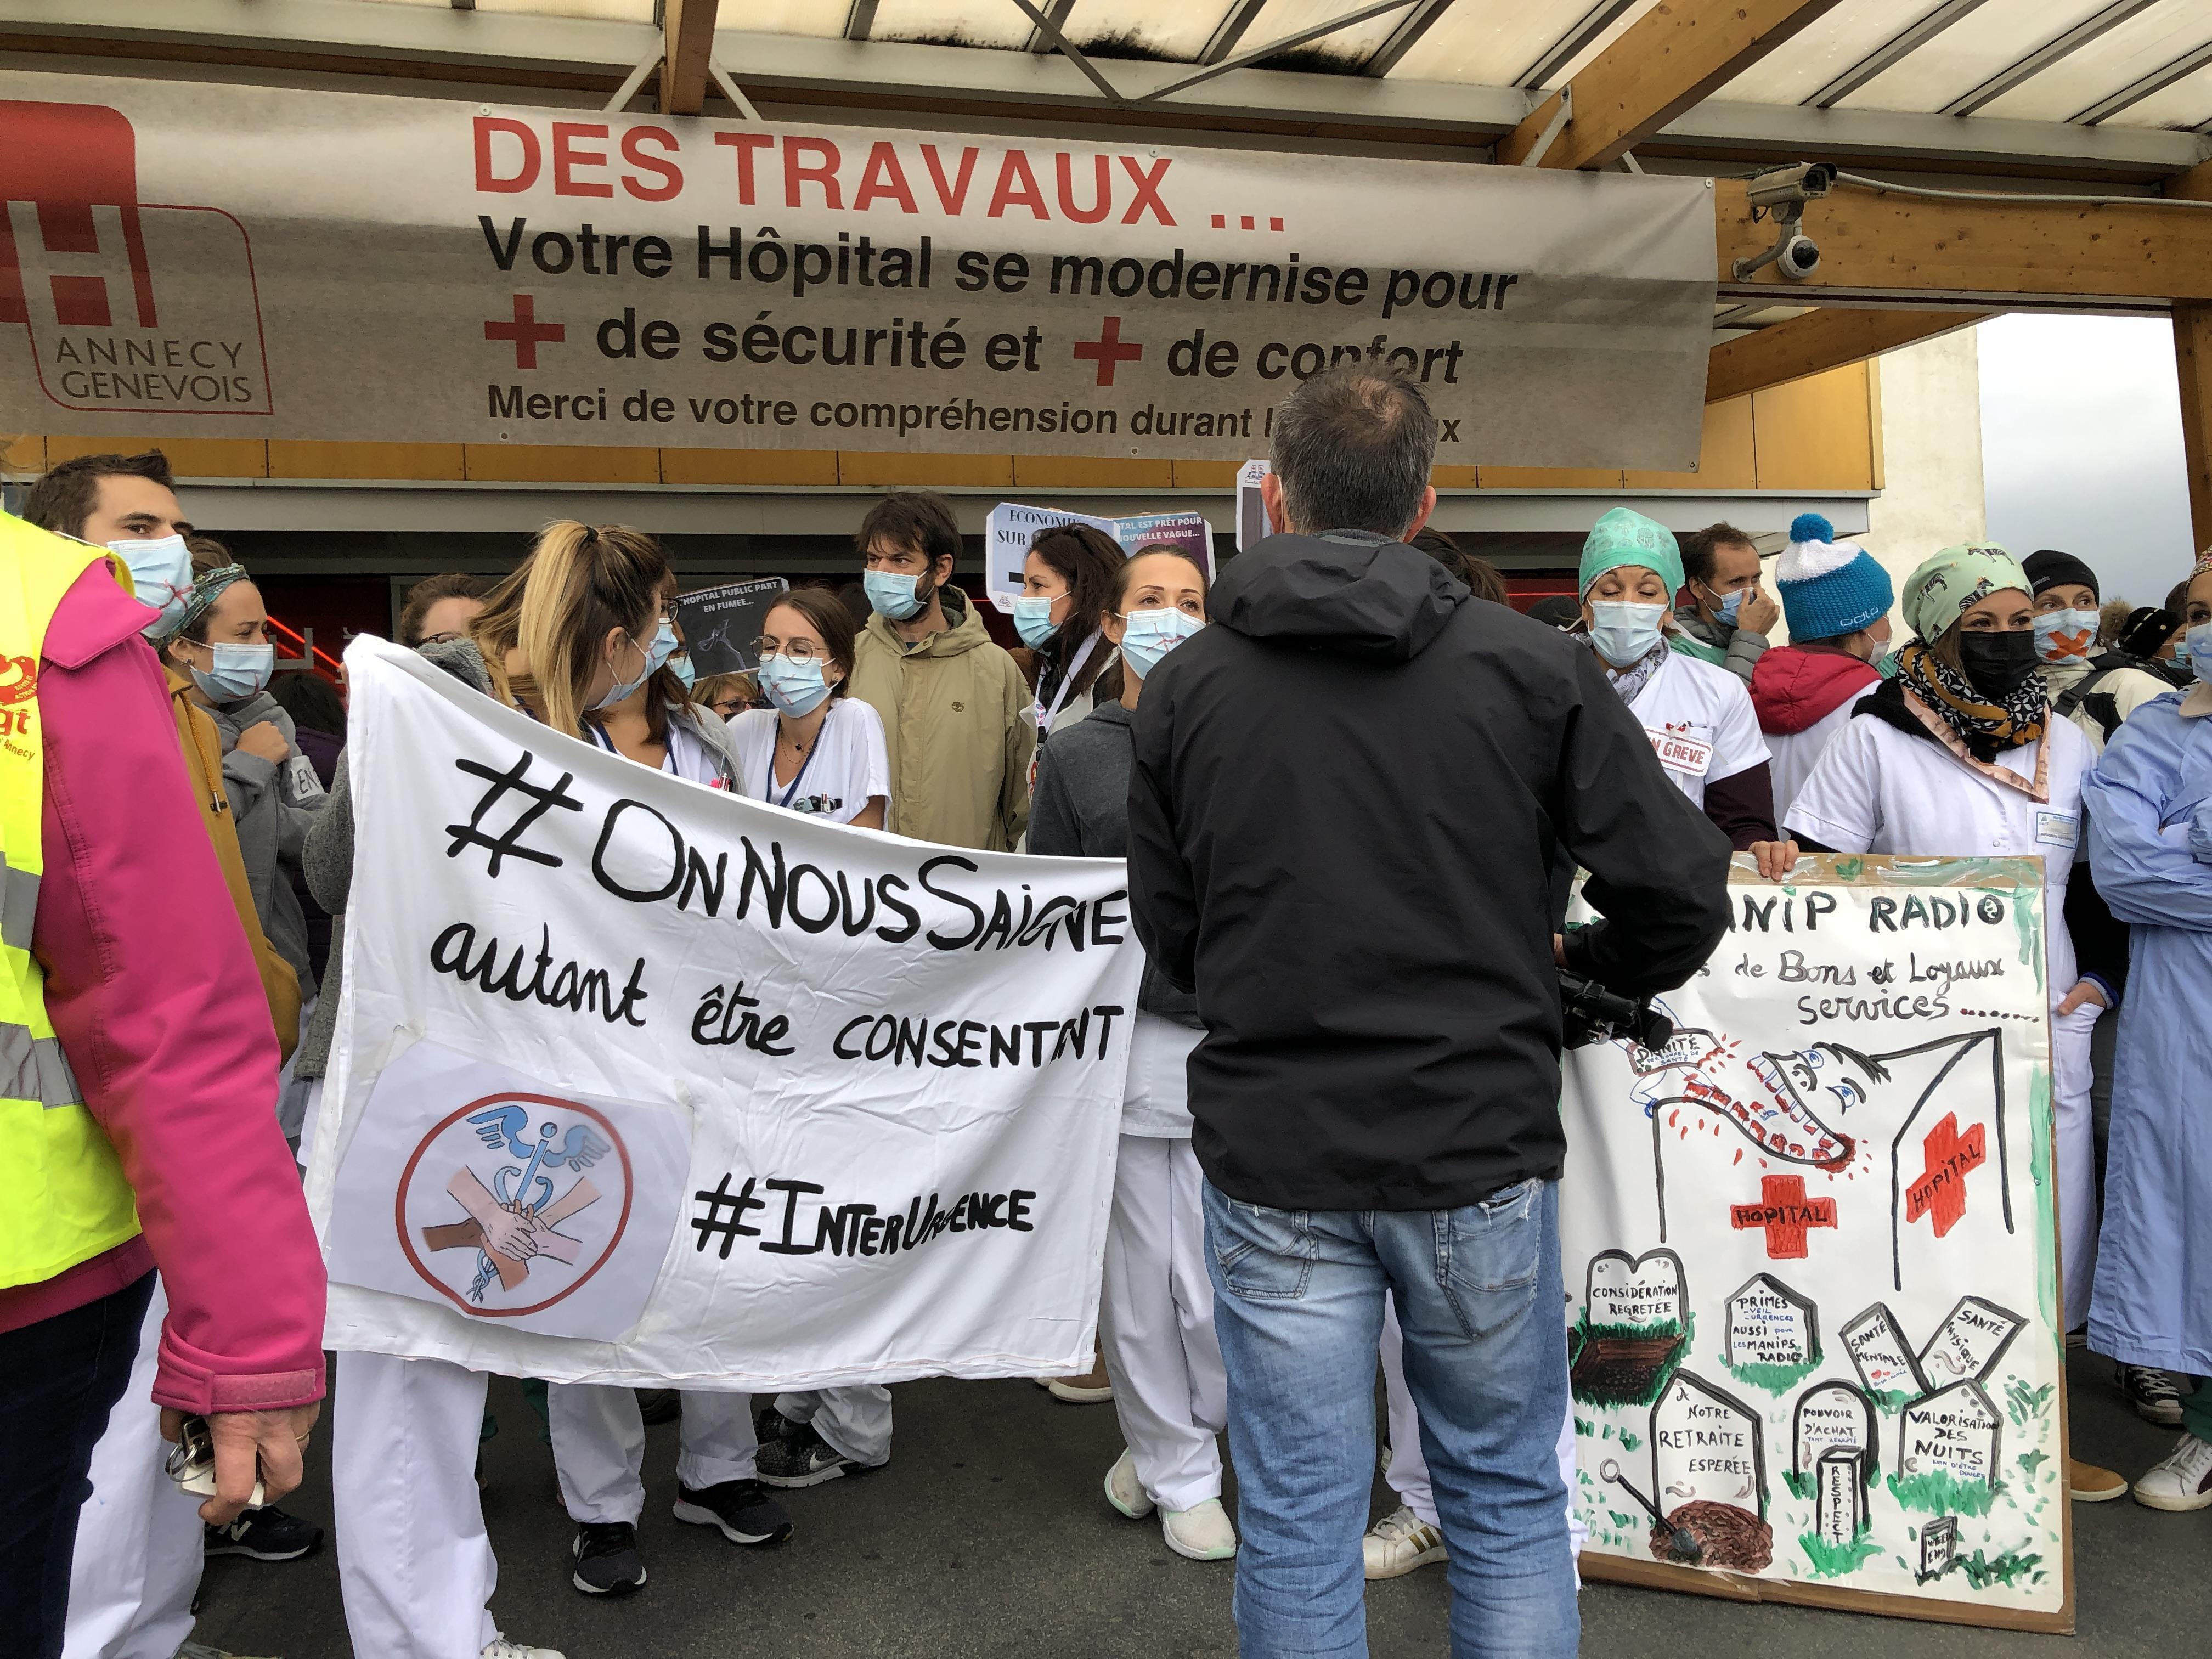 Environ 150 personnes ont manifesté devant l'hôpital d'Annecy, jeudi 15 octobre 2020.